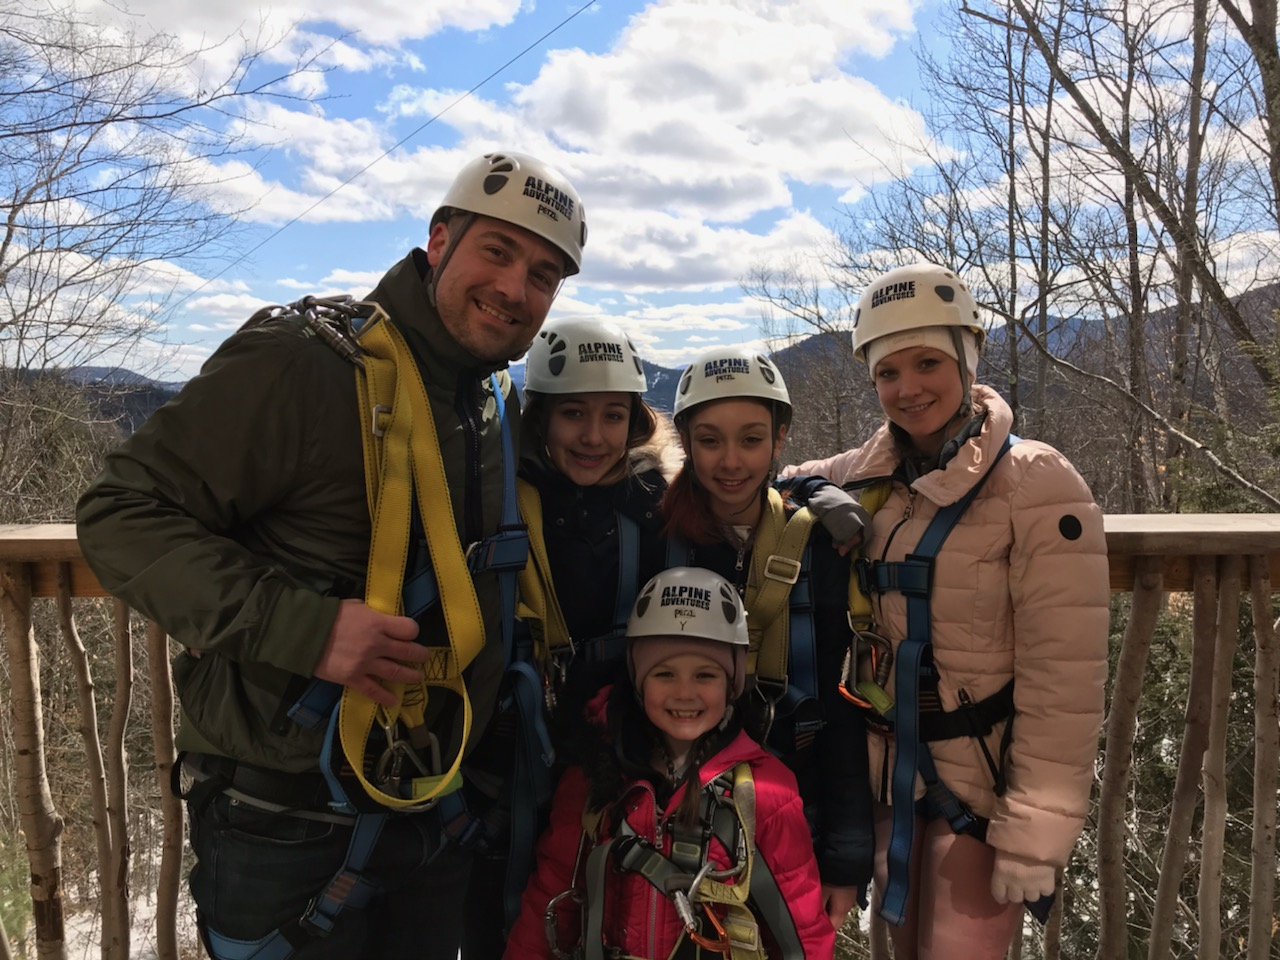 Family Zipline Tour